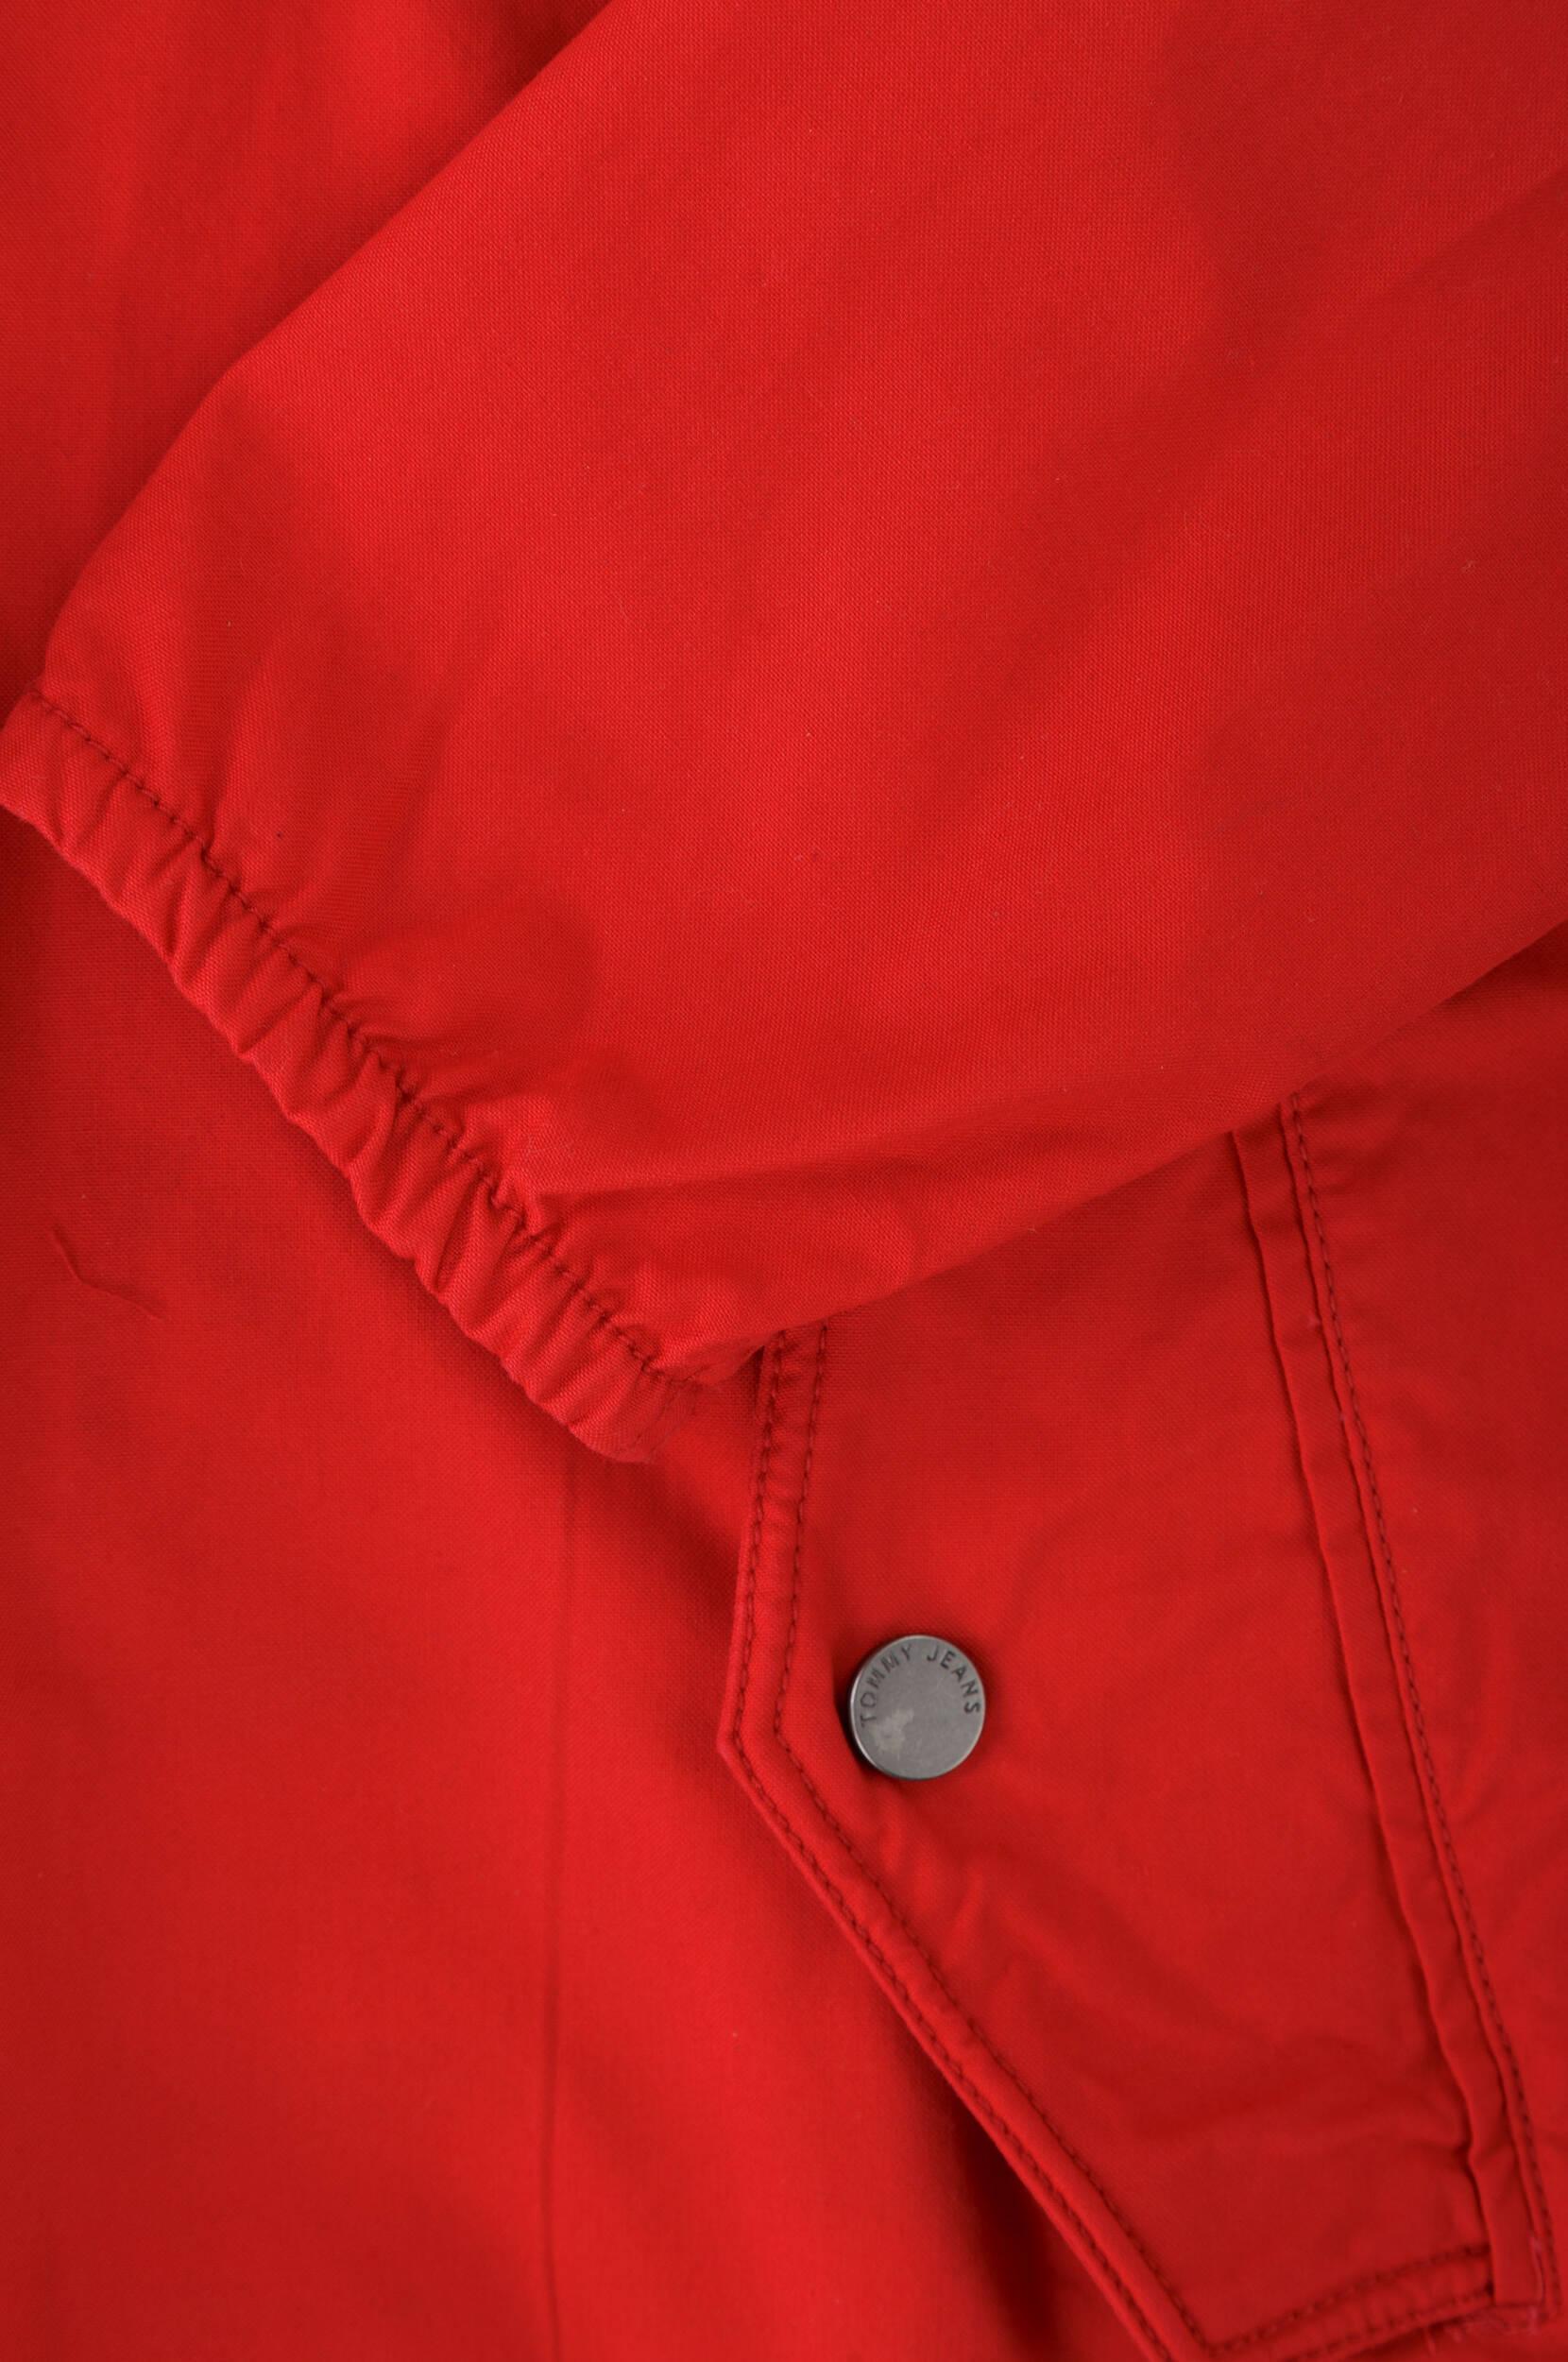 Tommy Hilfiger Parka Jeans DM0DM04039 Jacket Anorak Spring